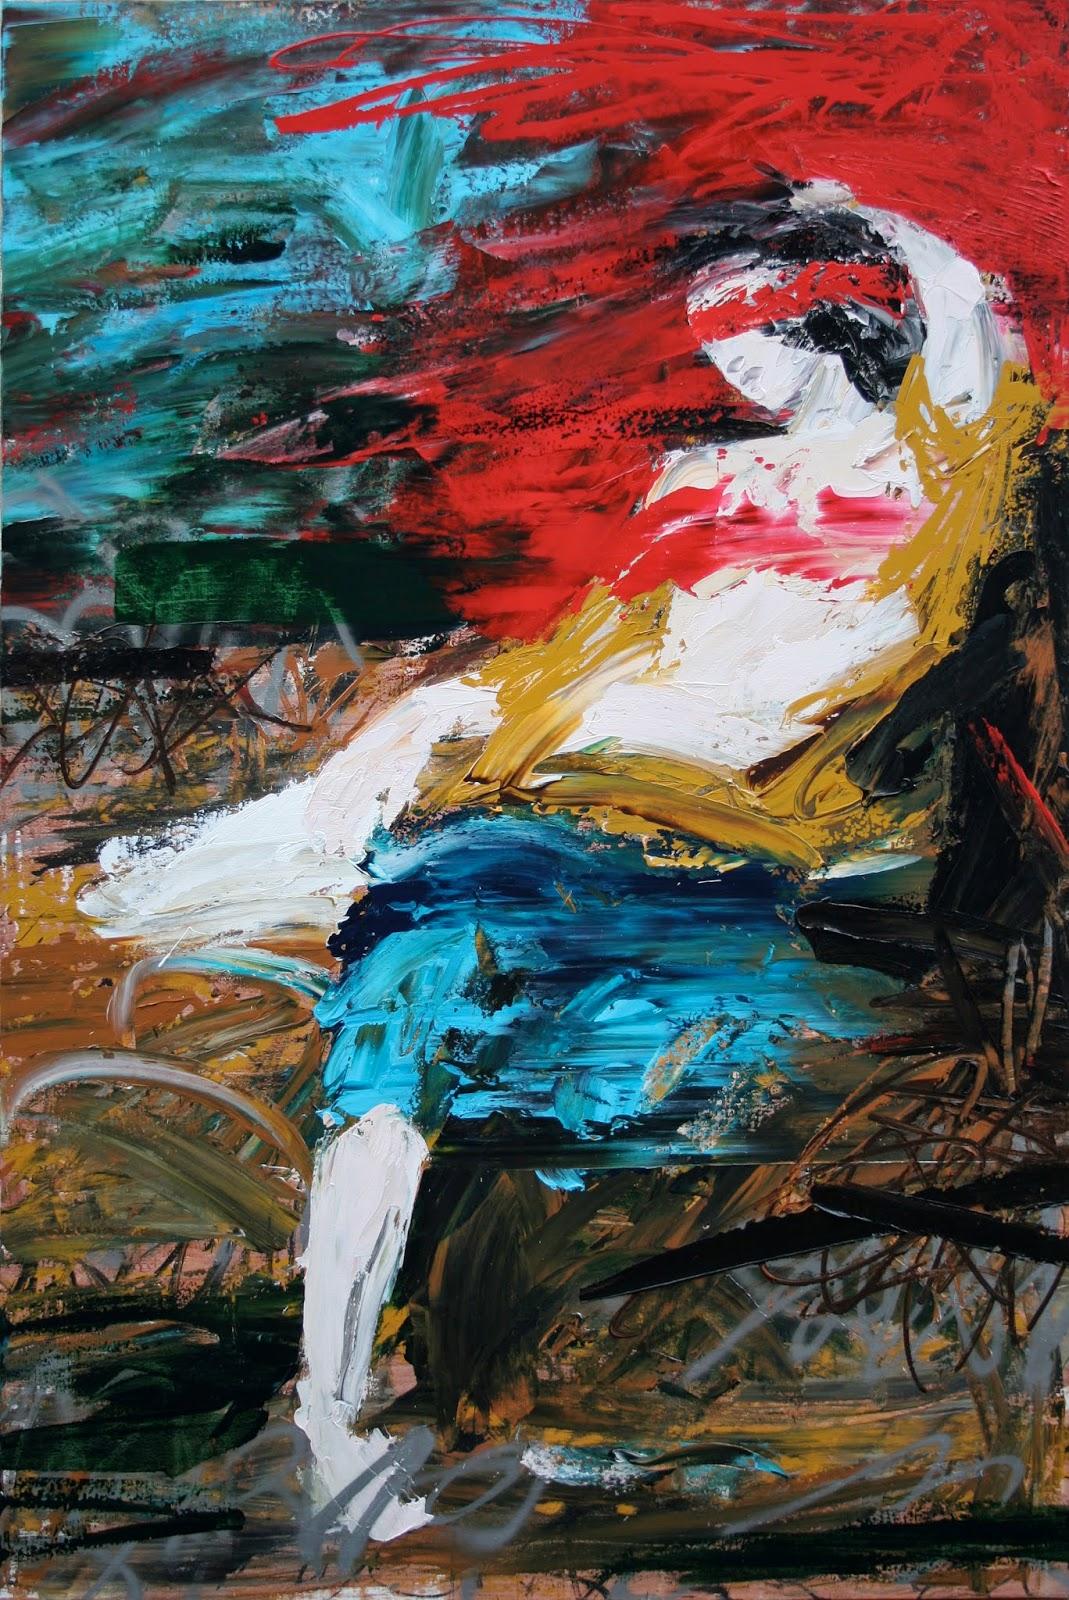 """Fatal Odalisque Peinture aérosol et acrylique sur toile 195 x 130 cm - (Eugène Delacroix, """"Odalisque"""") © Éric Citerne"""